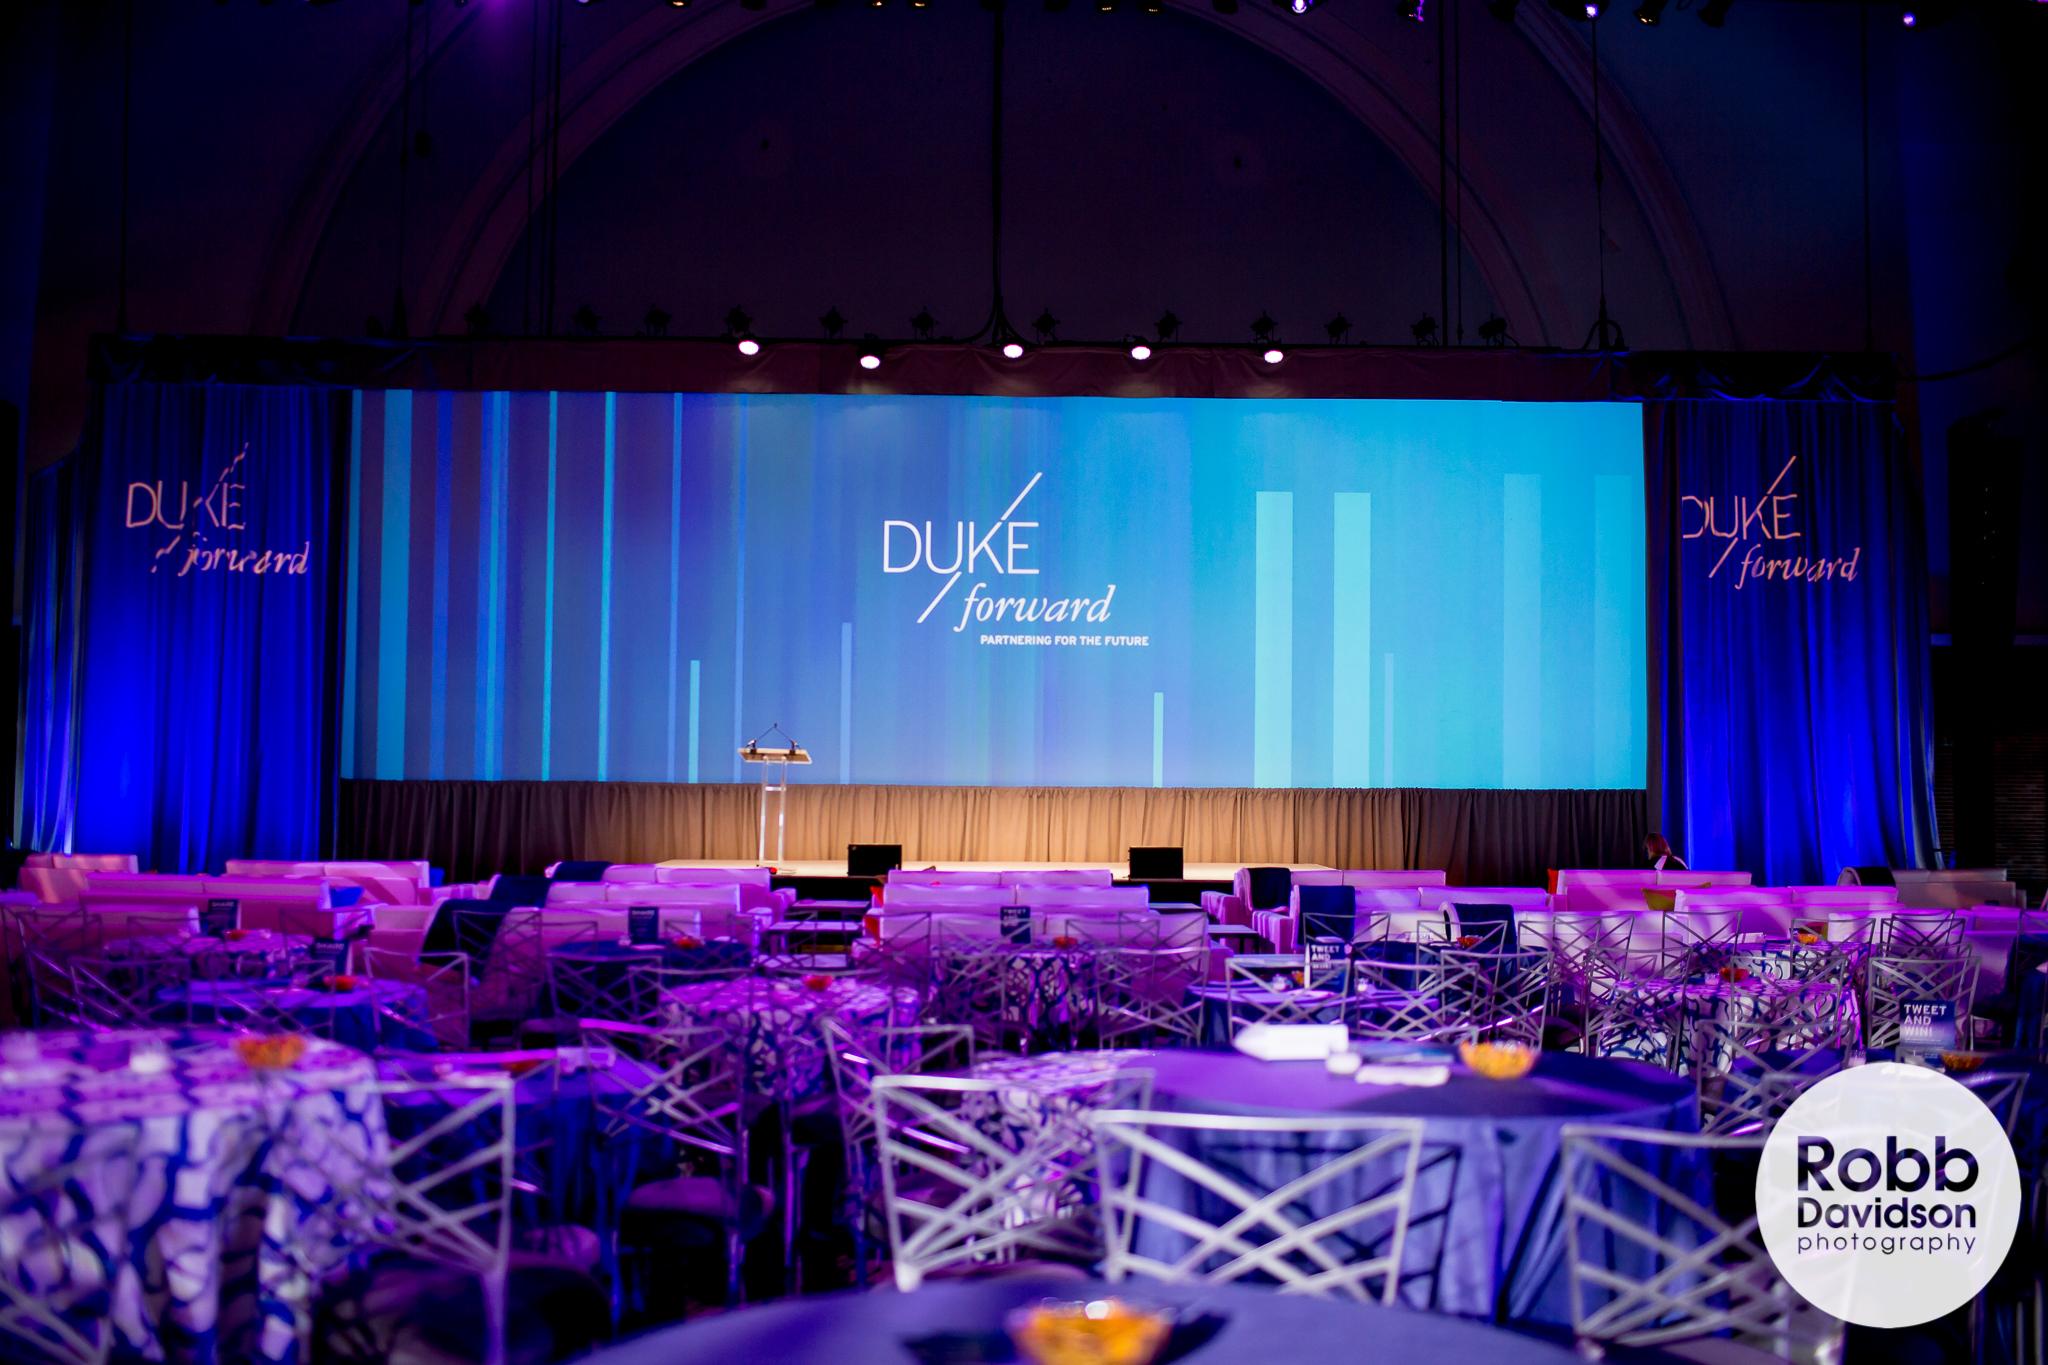 DukeForward0001